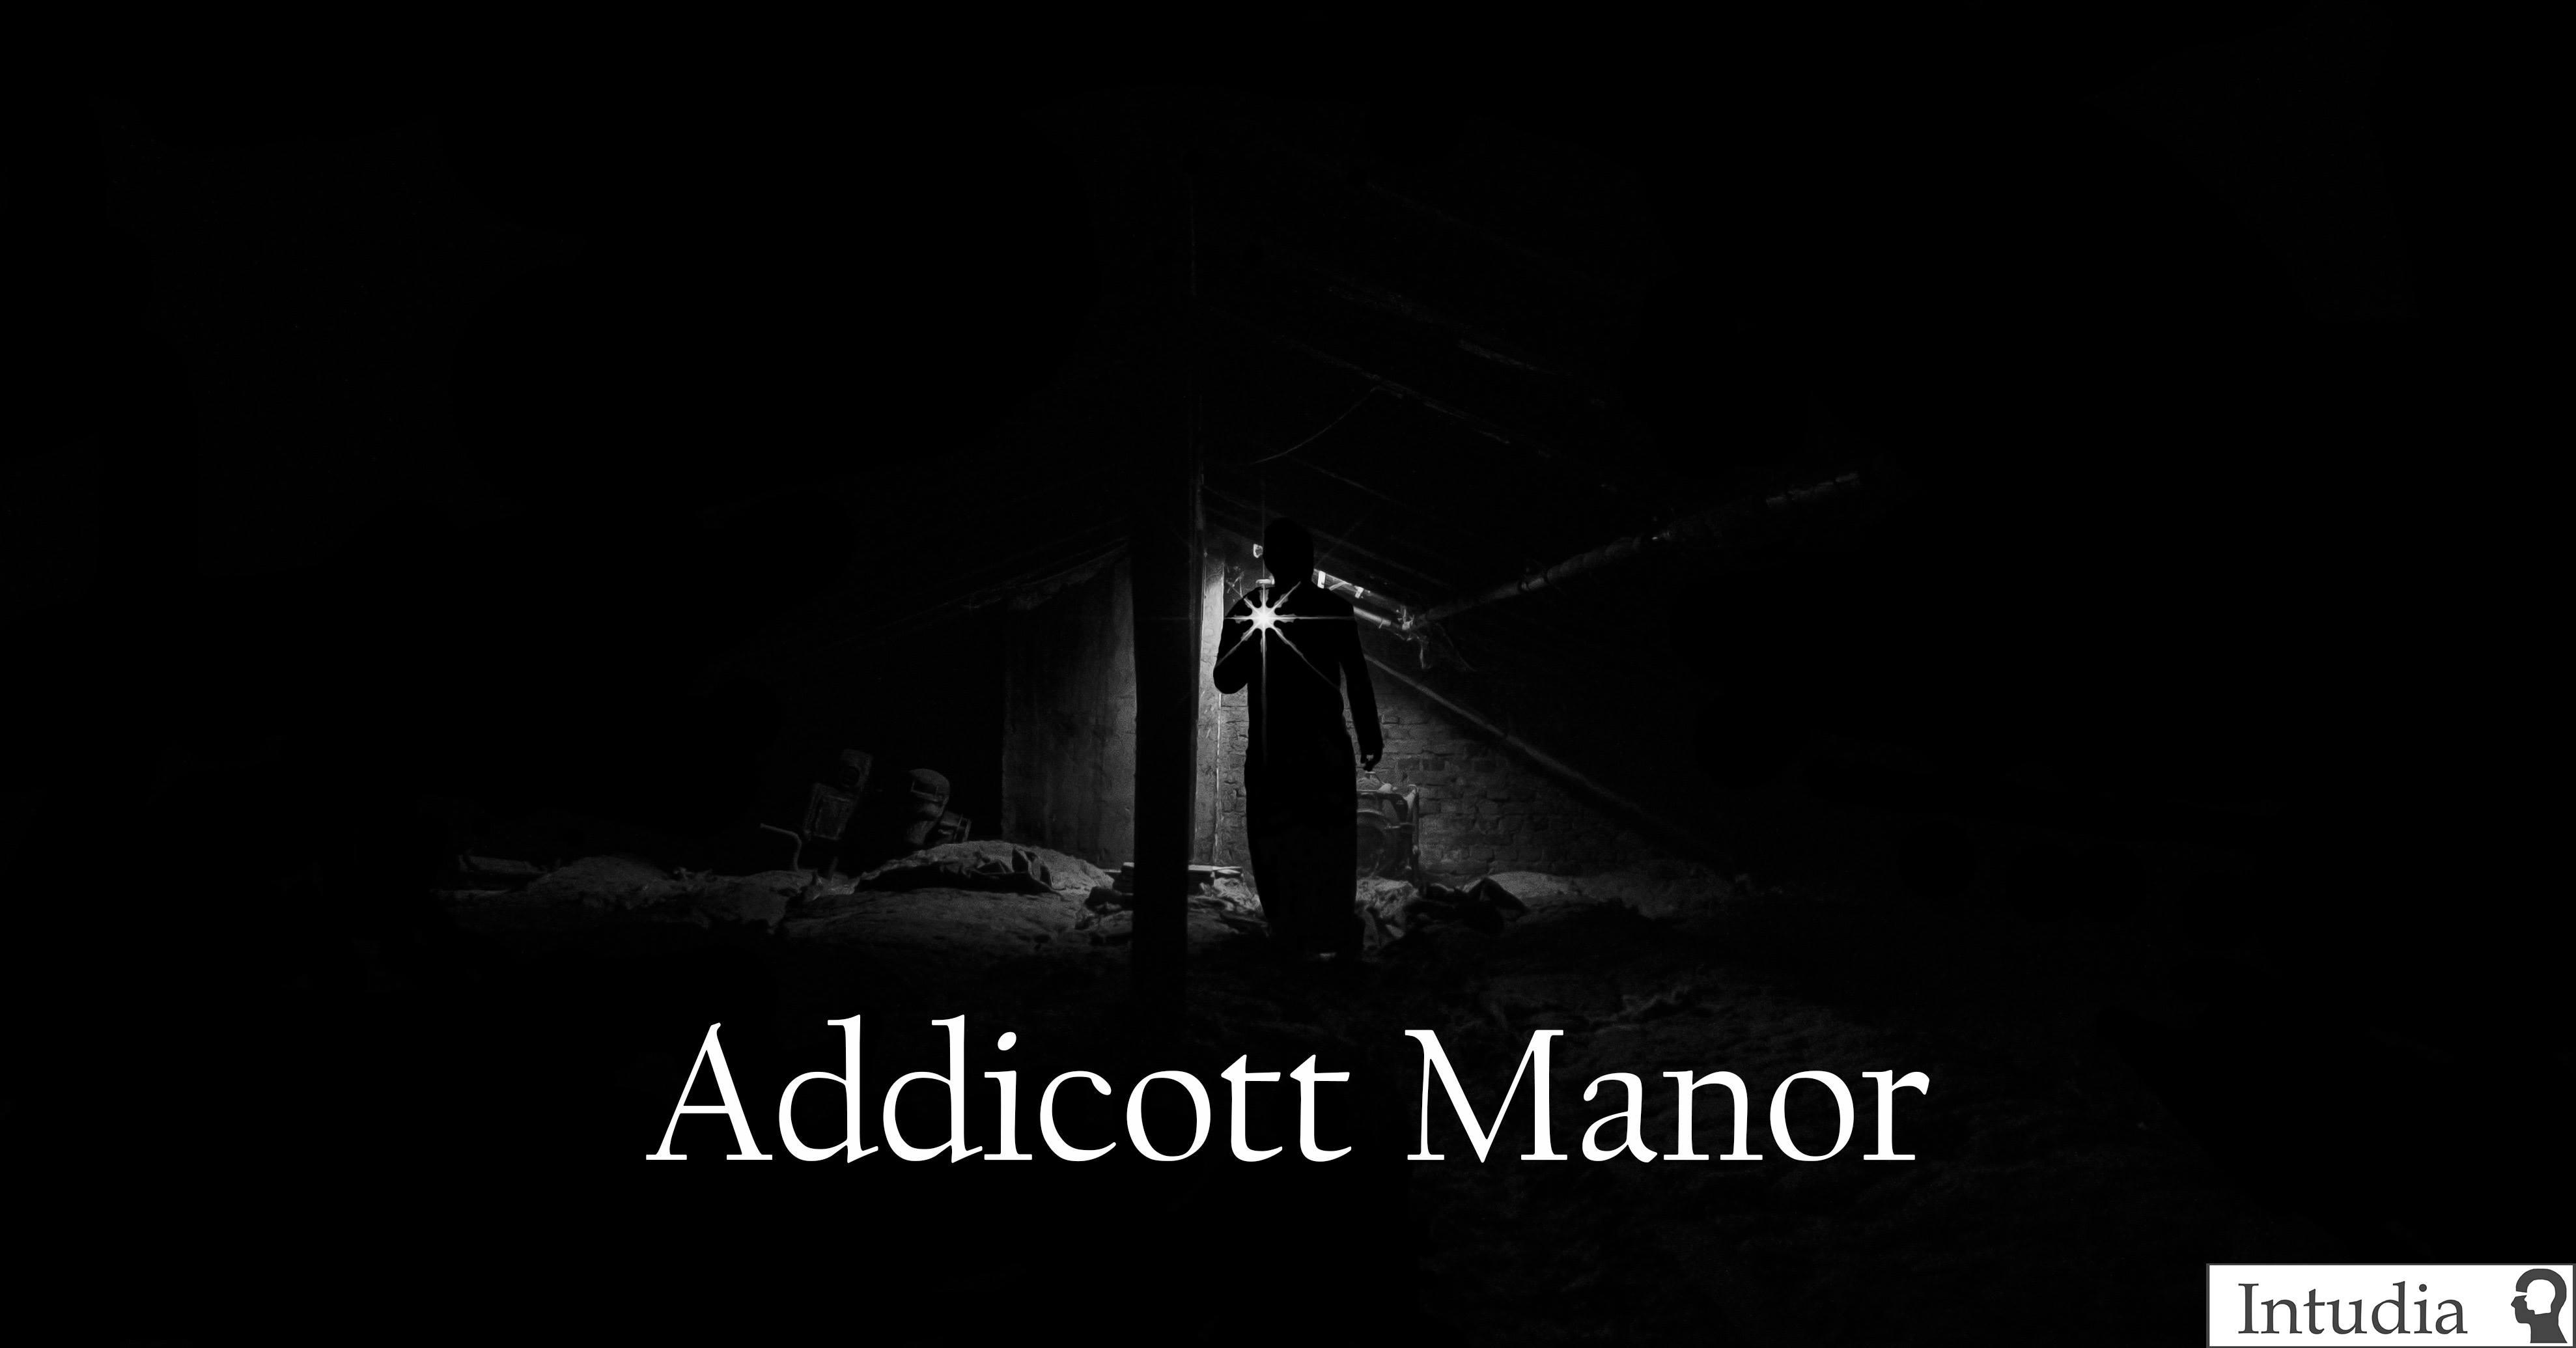 Addicott Manor